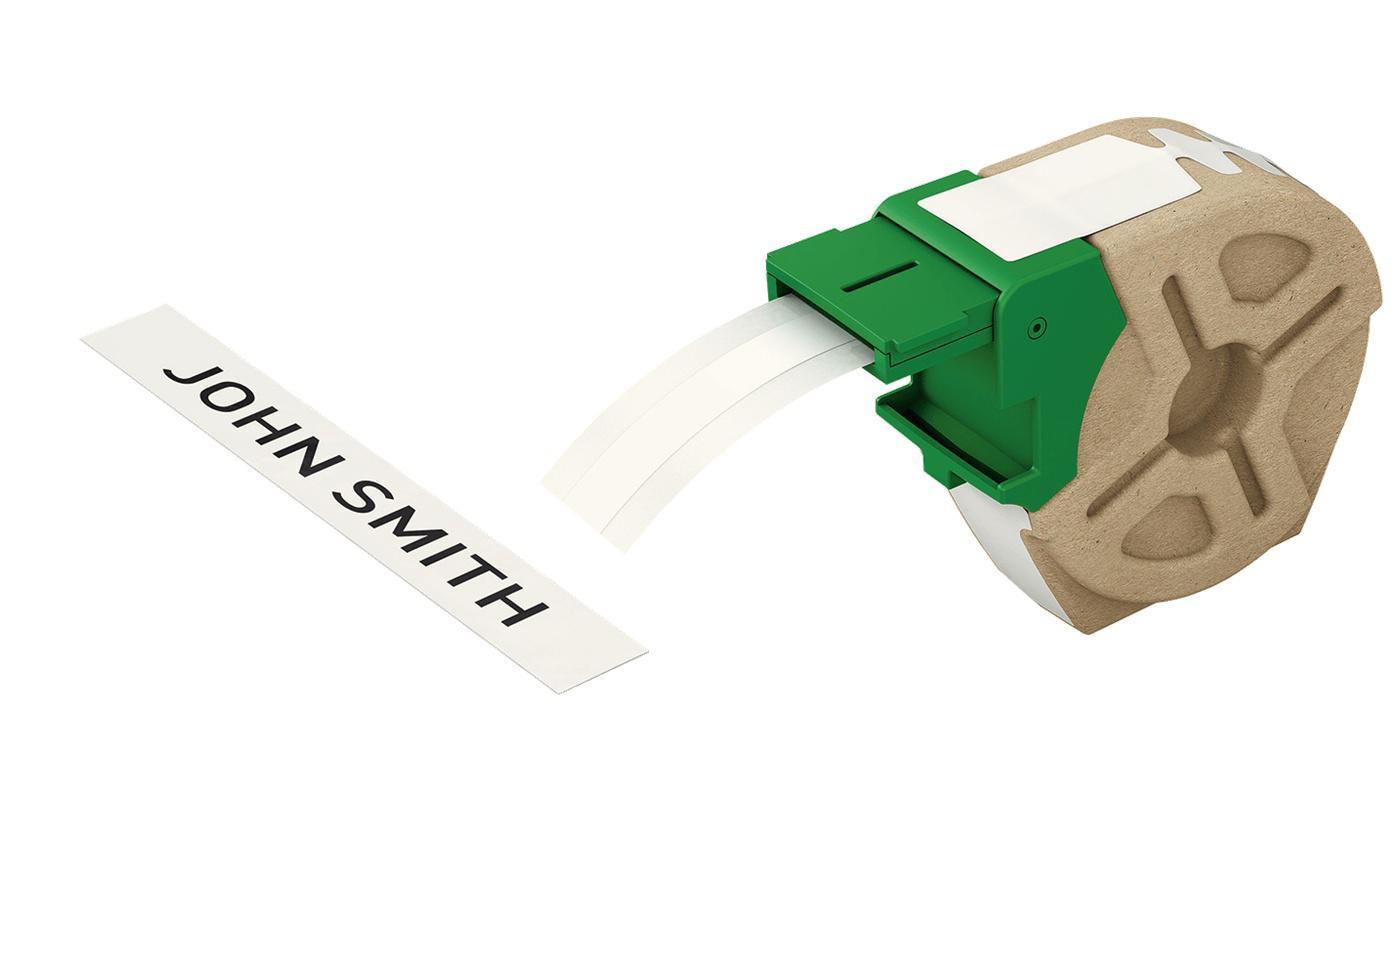 LEITZ Icon Intelligent Etikettkassett (papper) 12 mm x 22m